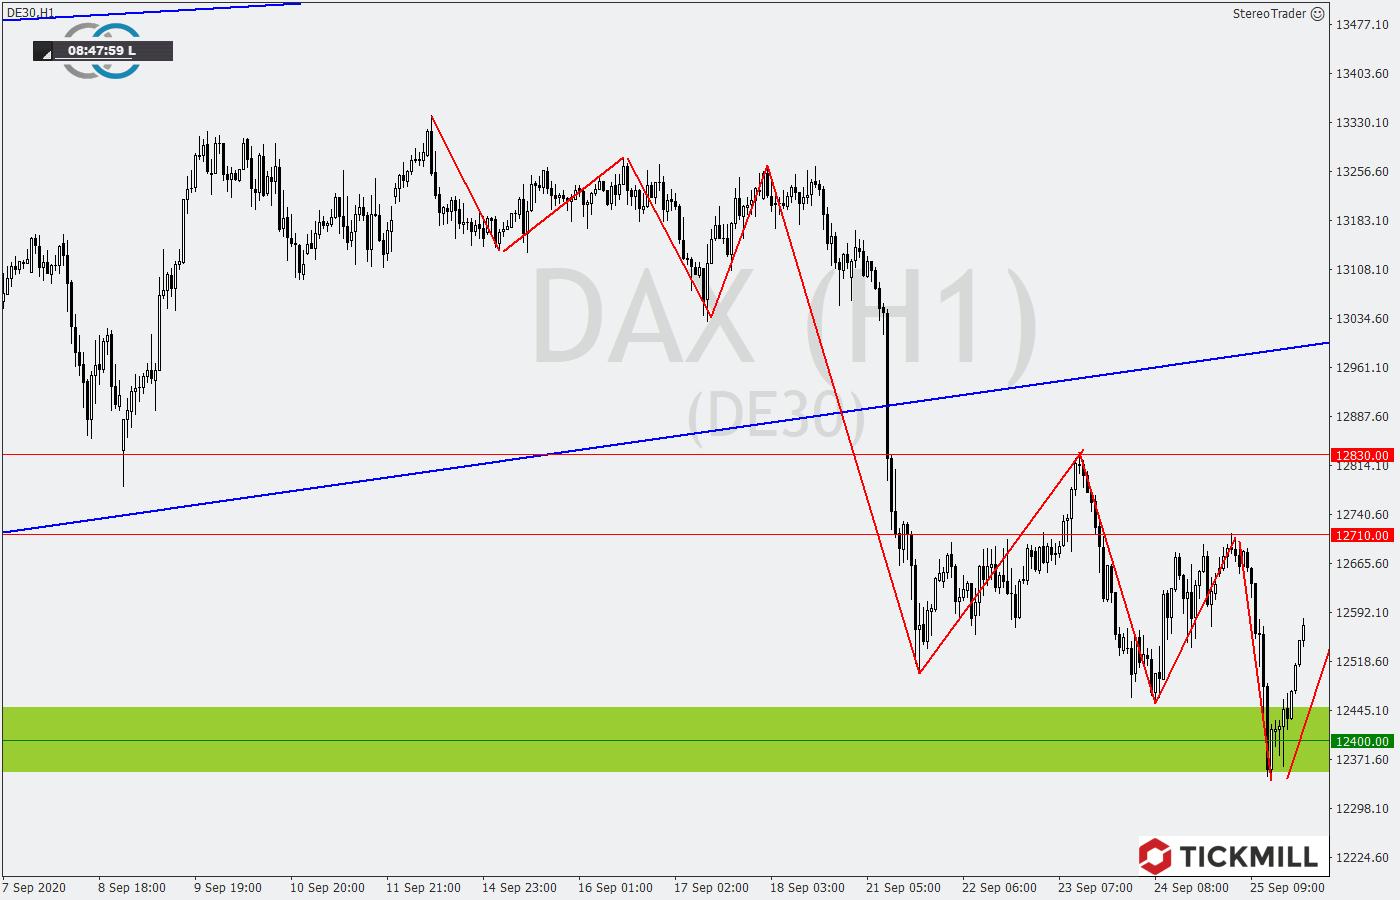 ickmill-Analyse: DAX im kurzfristigen Abwärtstrend